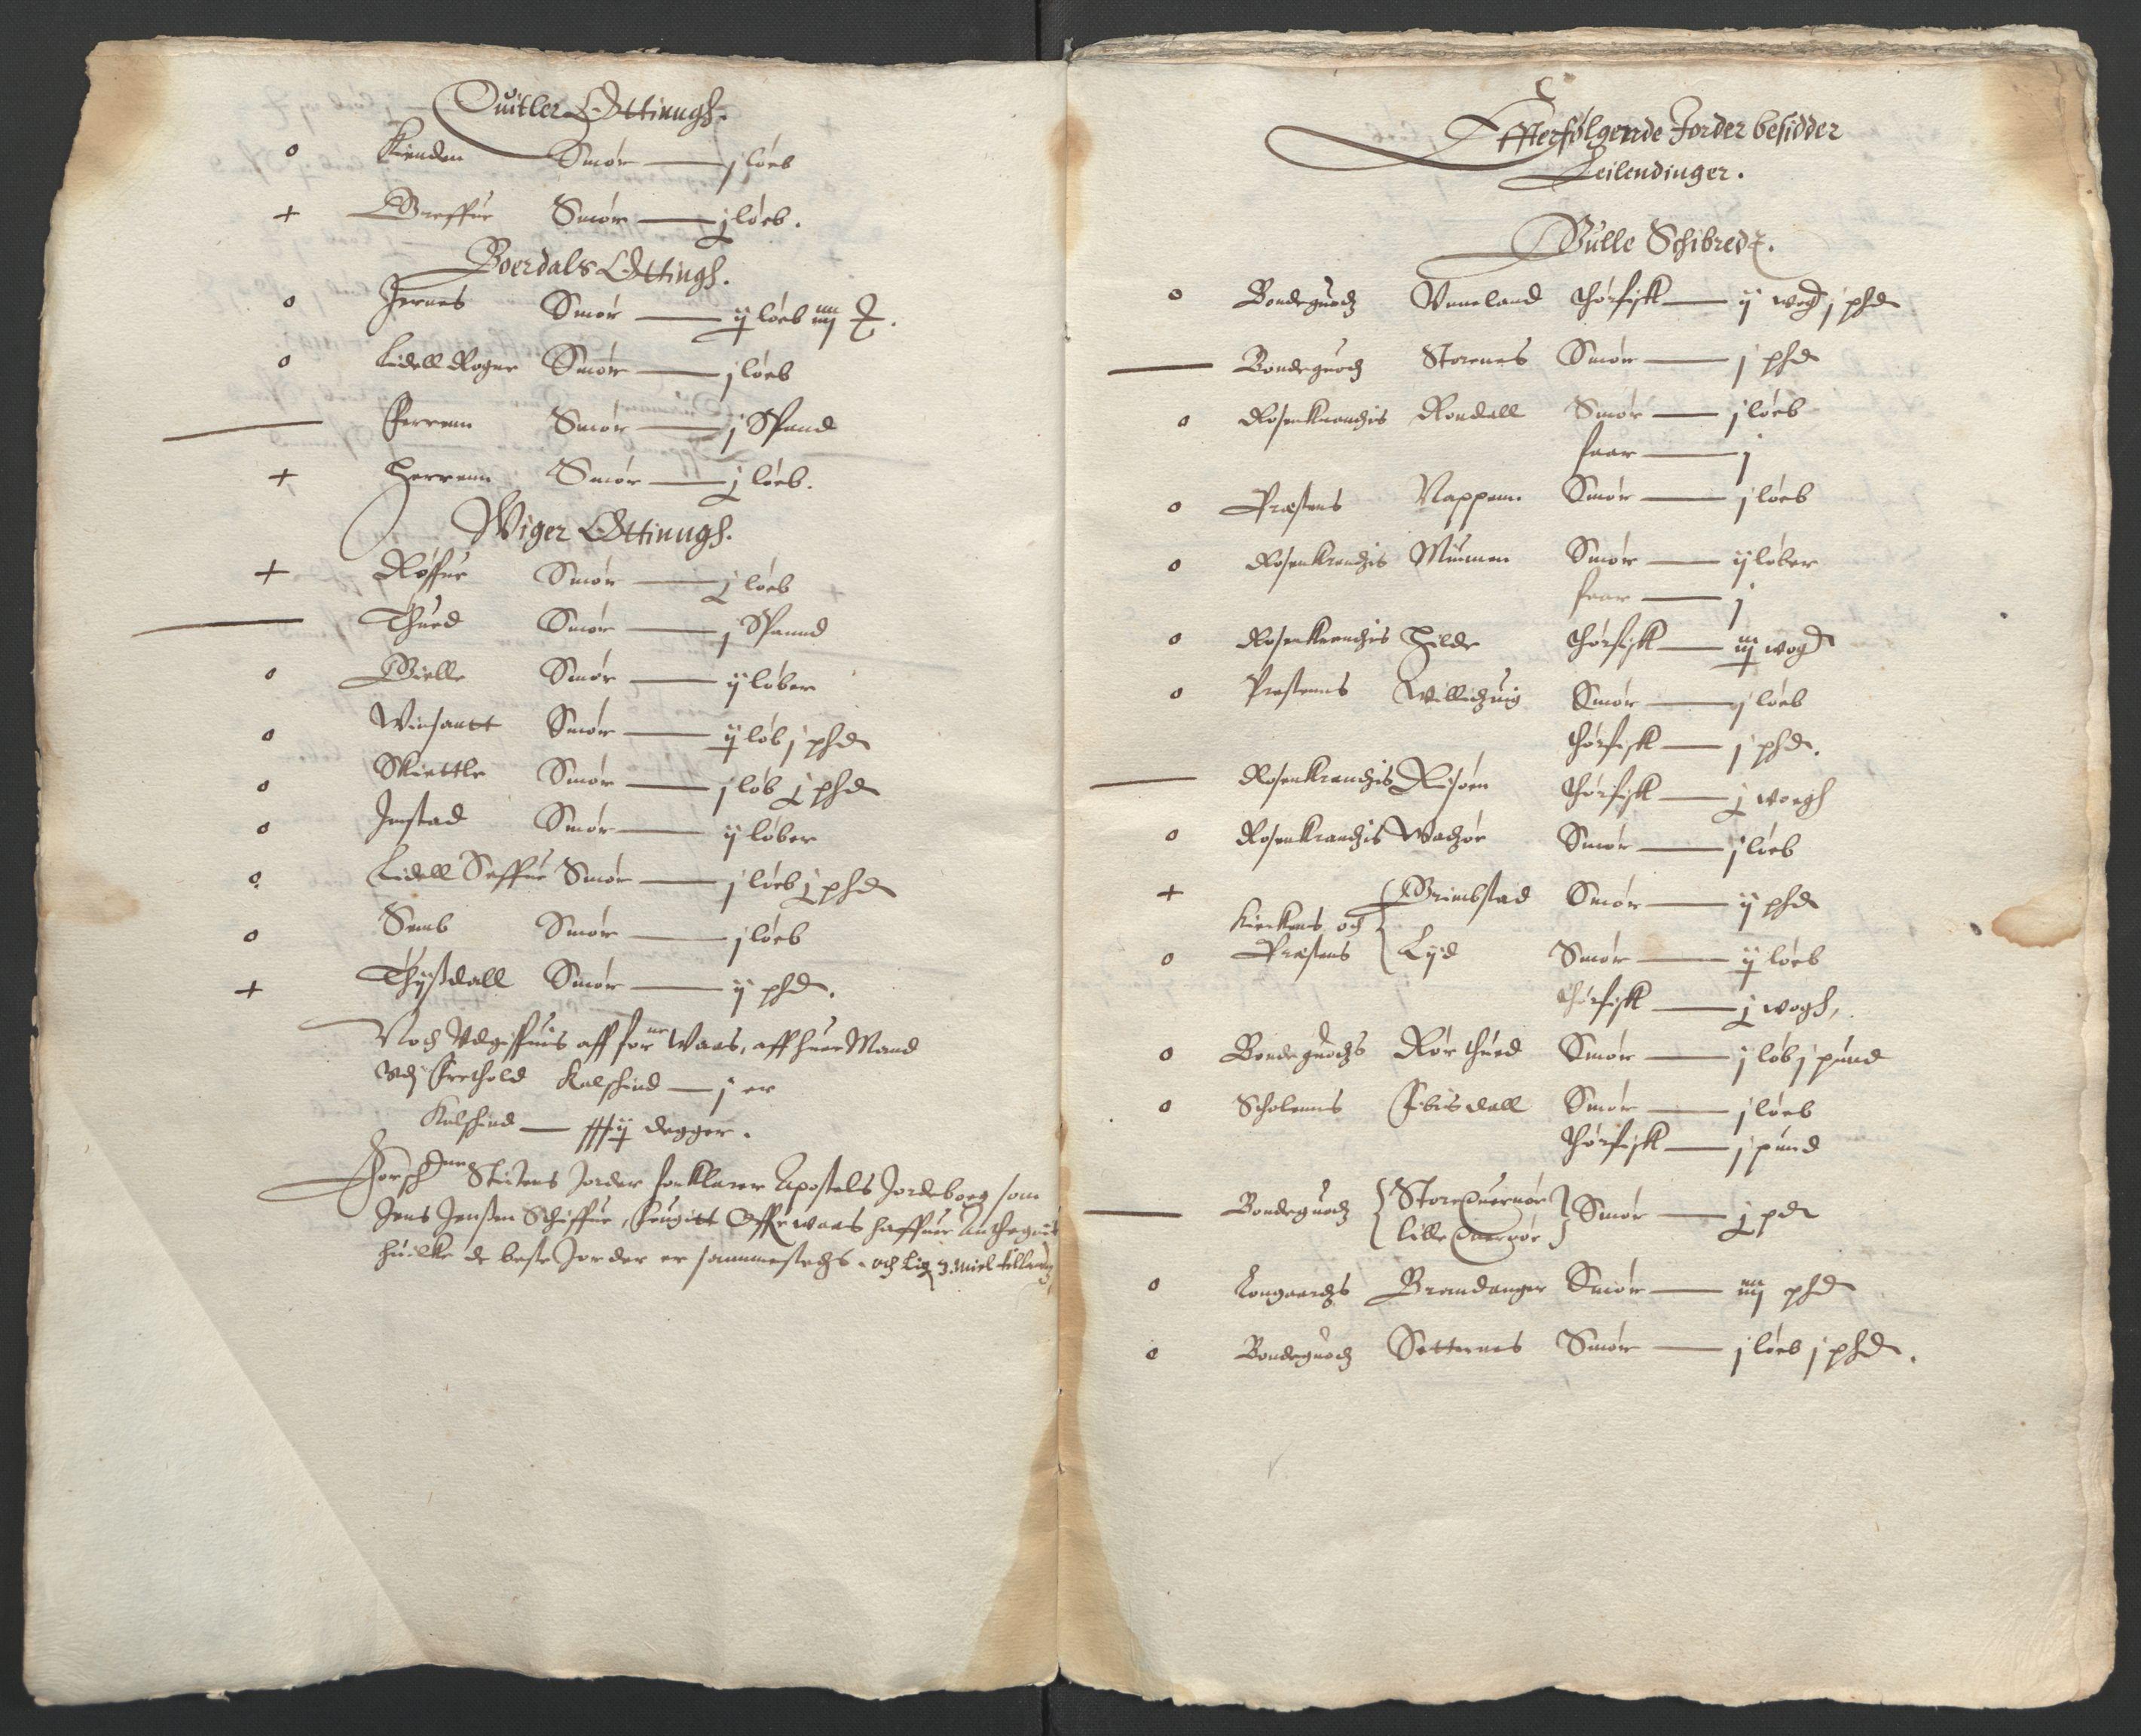 RA, Stattholderembetet 1572-1771, Ek/L0004: Jordebøker til utlikning av garnisonsskatt 1624-1626:, 1626, s. 140